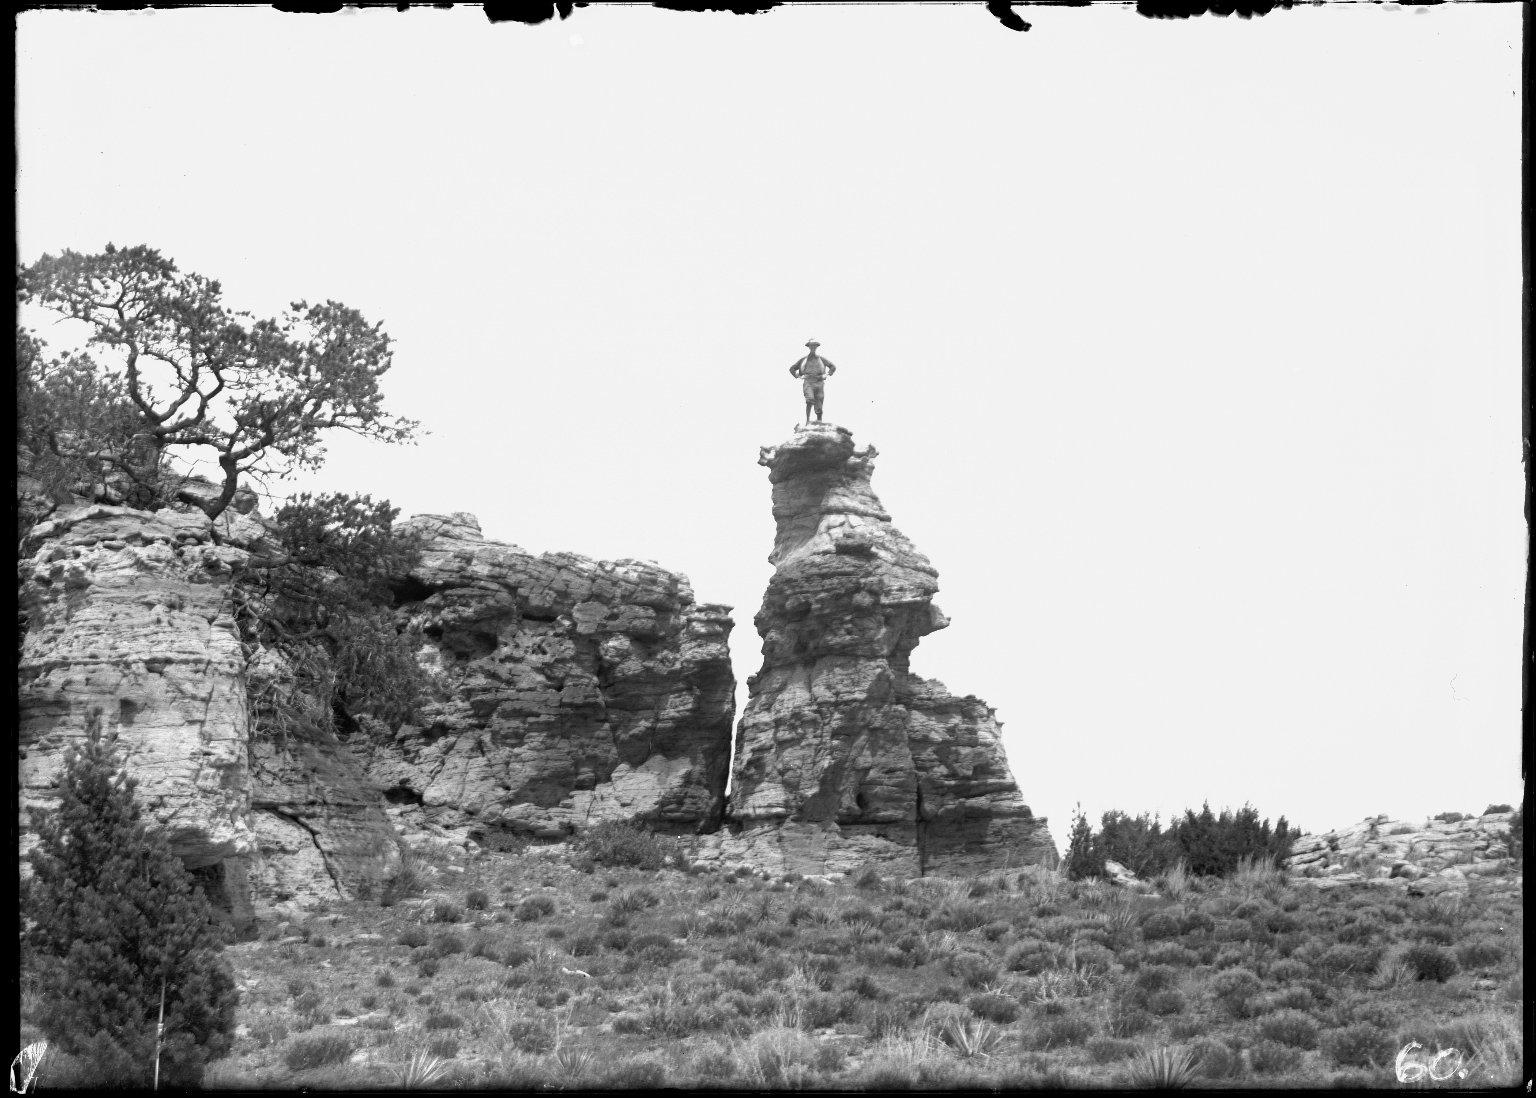 Rock formation near Regnier, Colorado